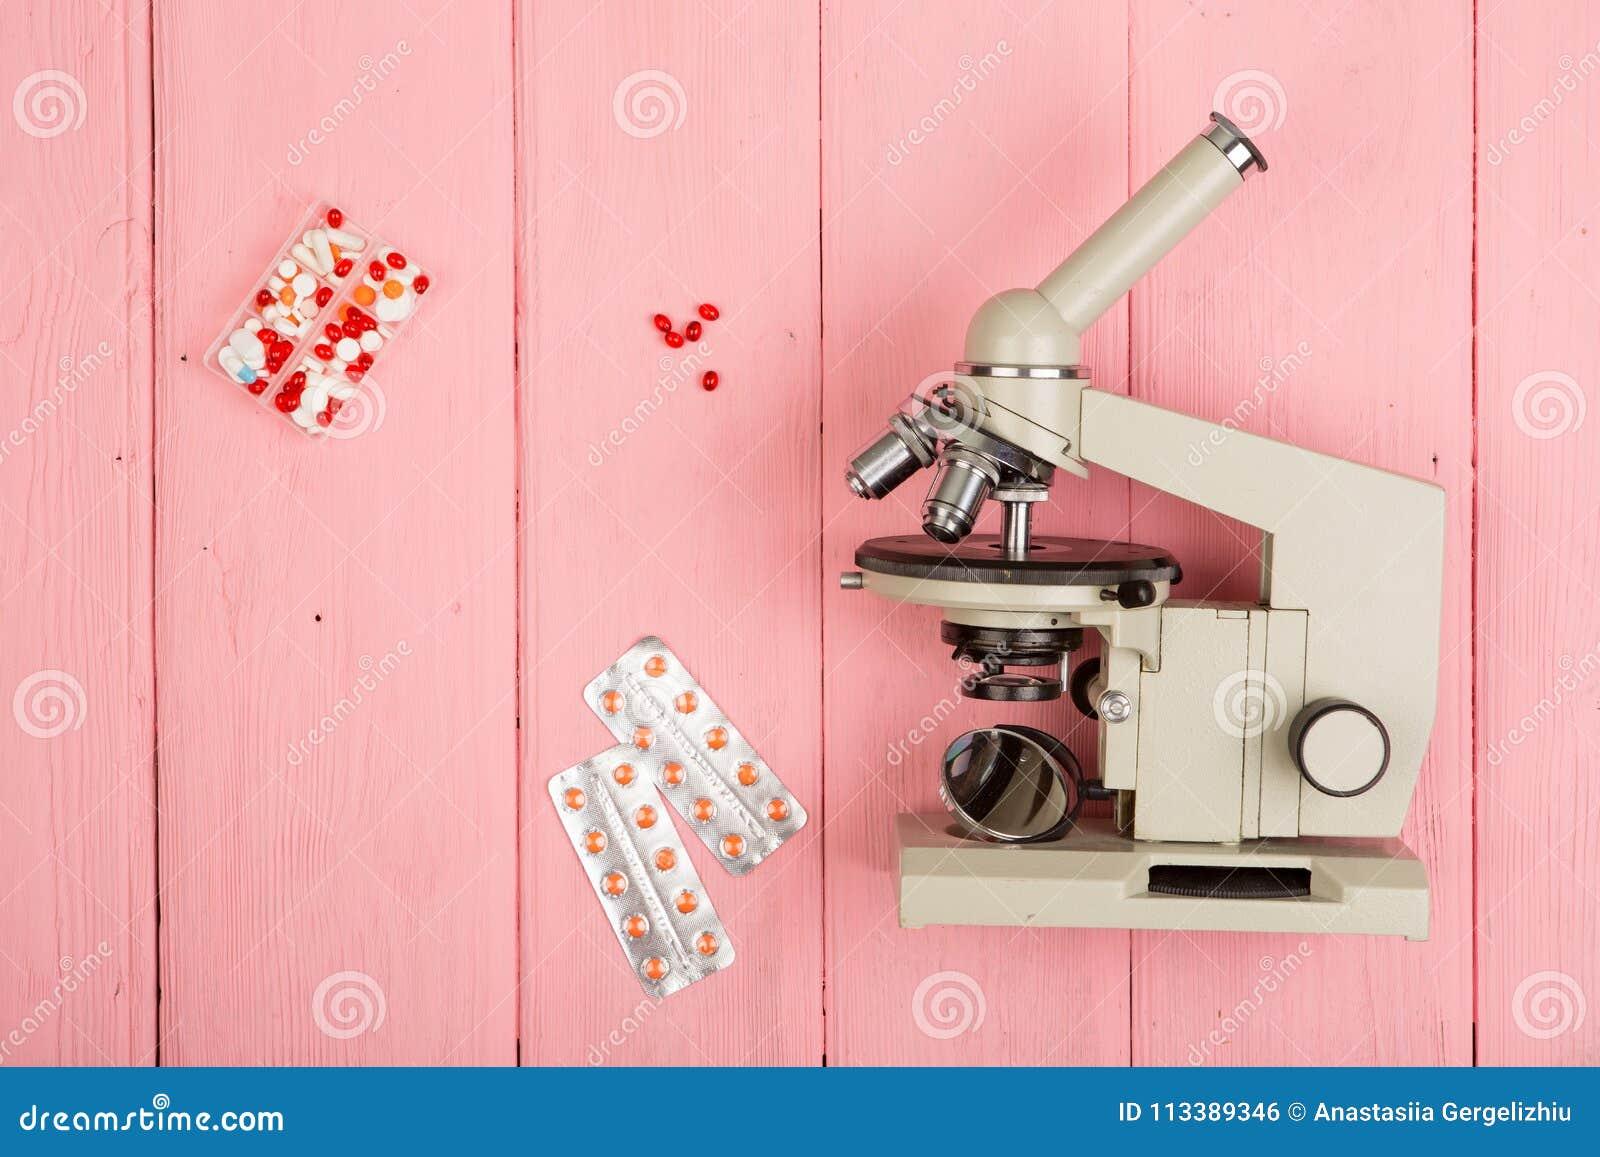 Medico dello scienziato del posto di lavoro - microscopio, pillole sulla tavola di legno rosa